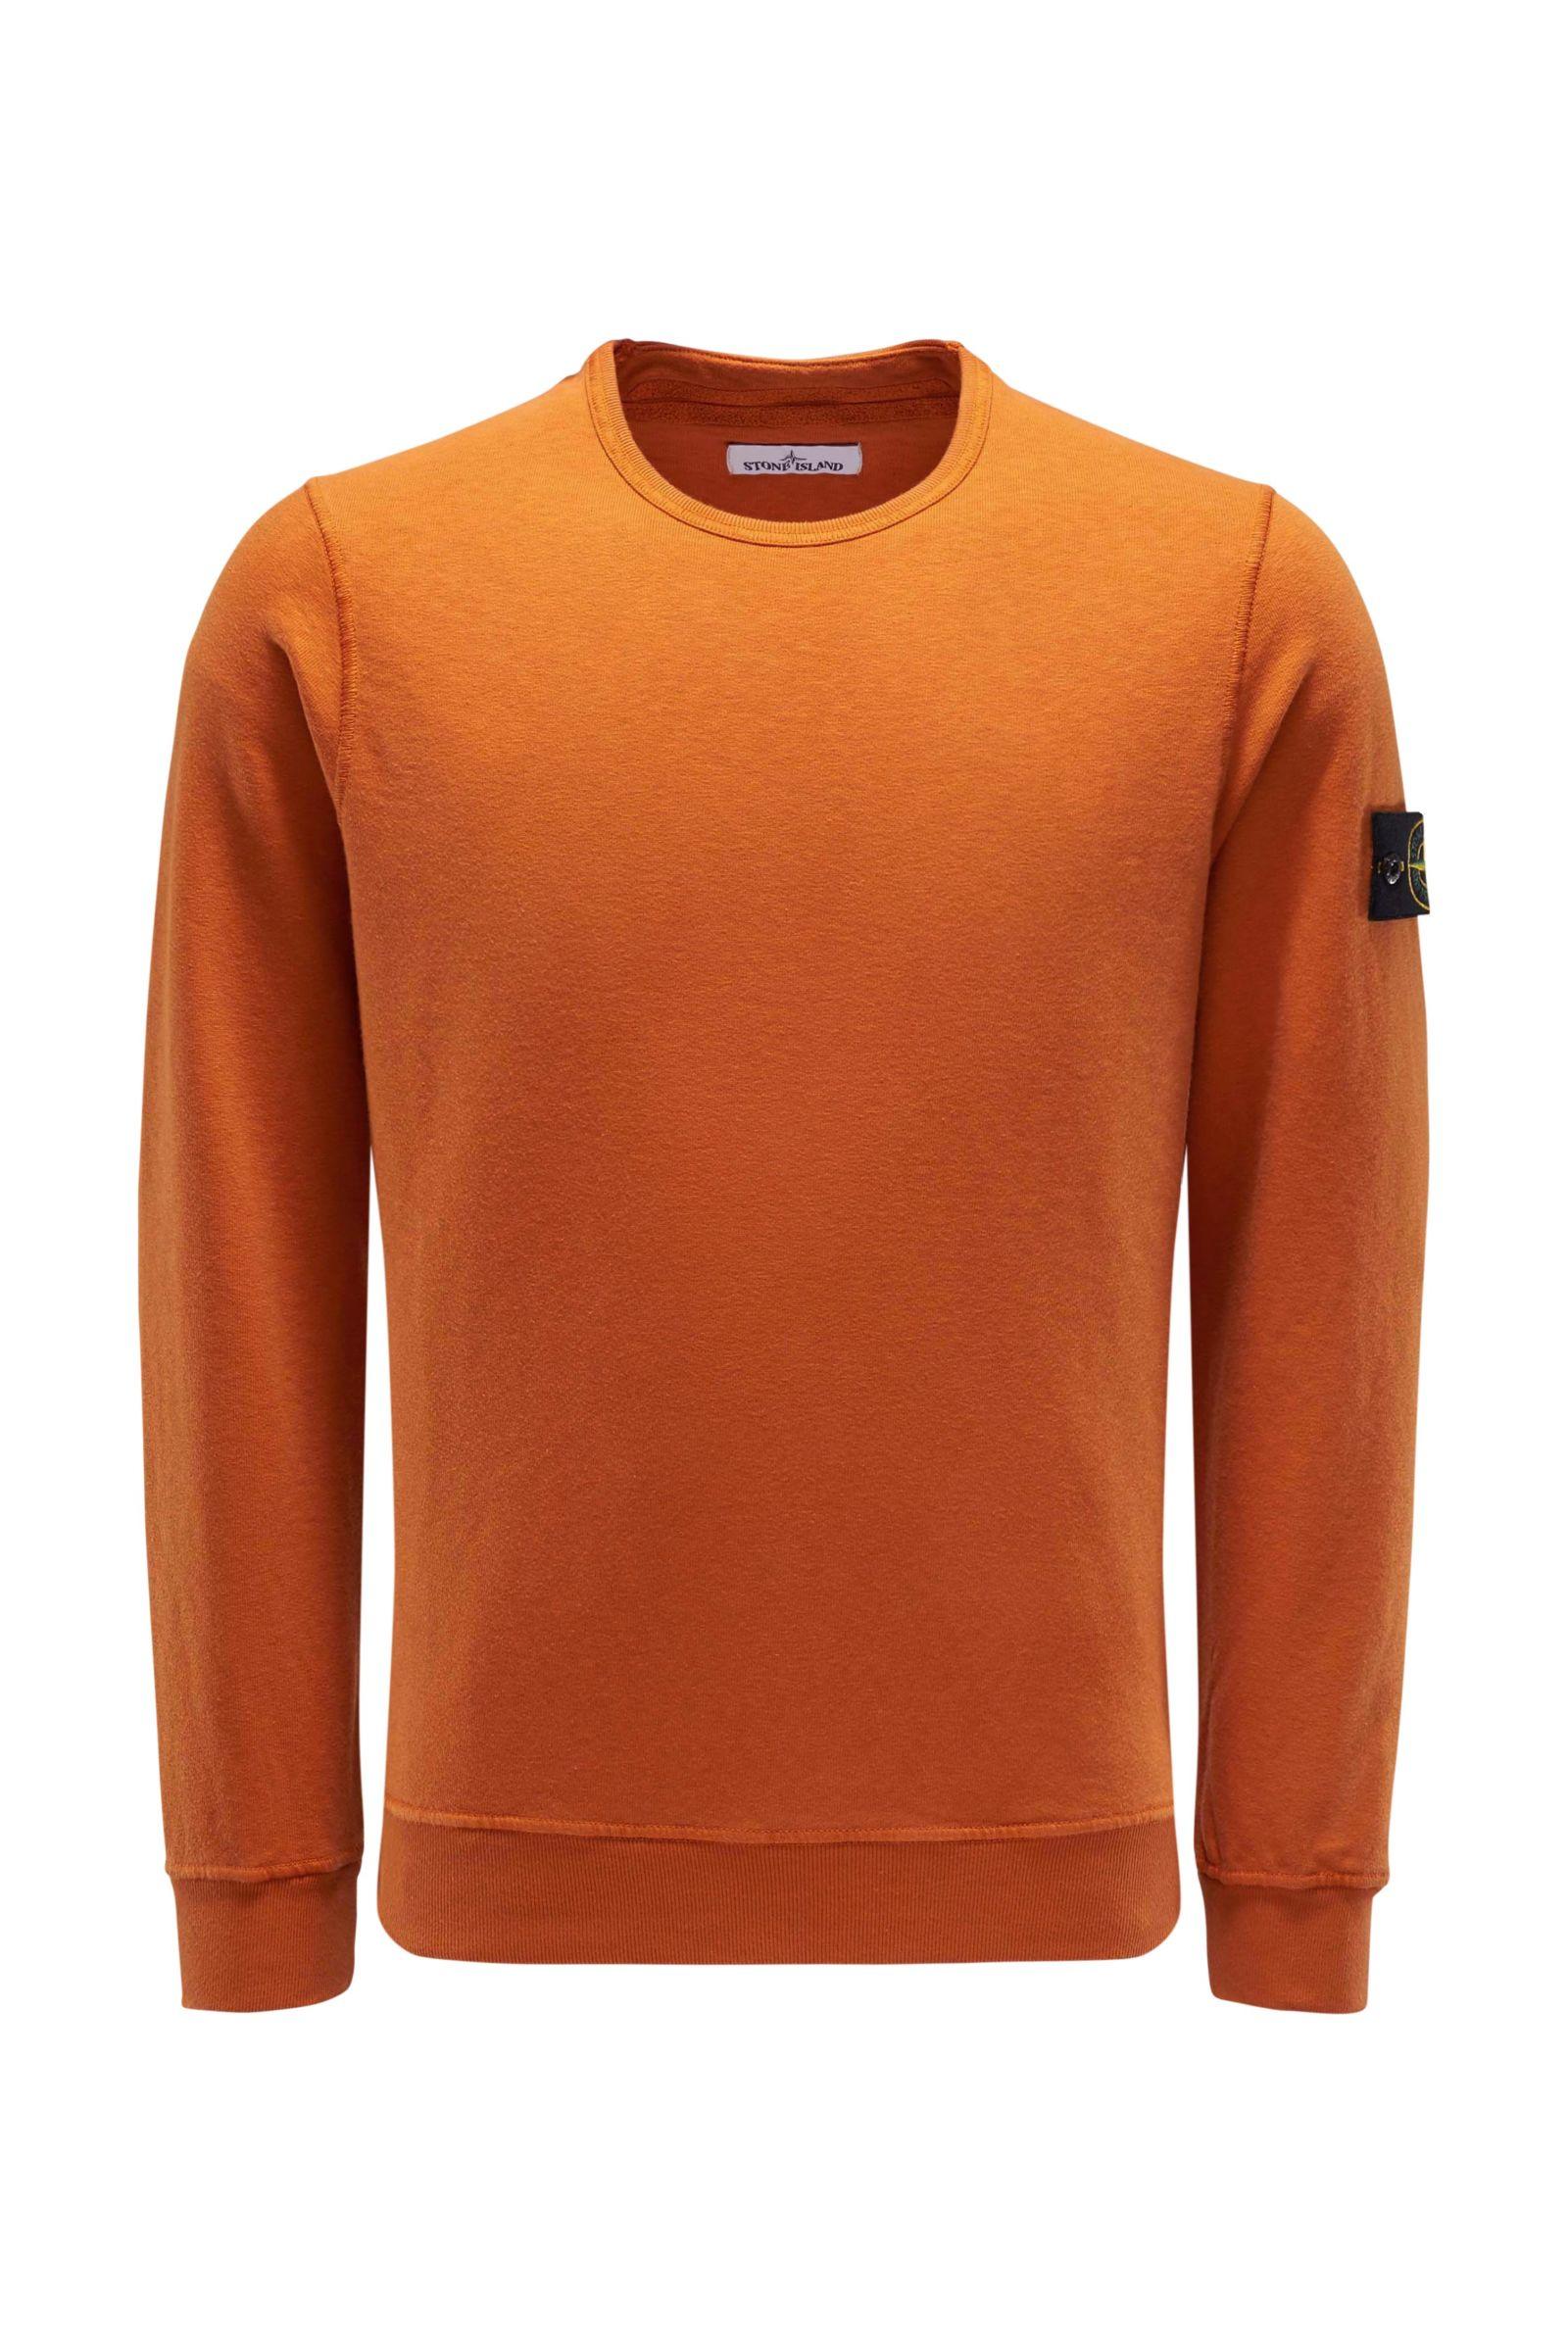 R-Neck Sweatshirt orange